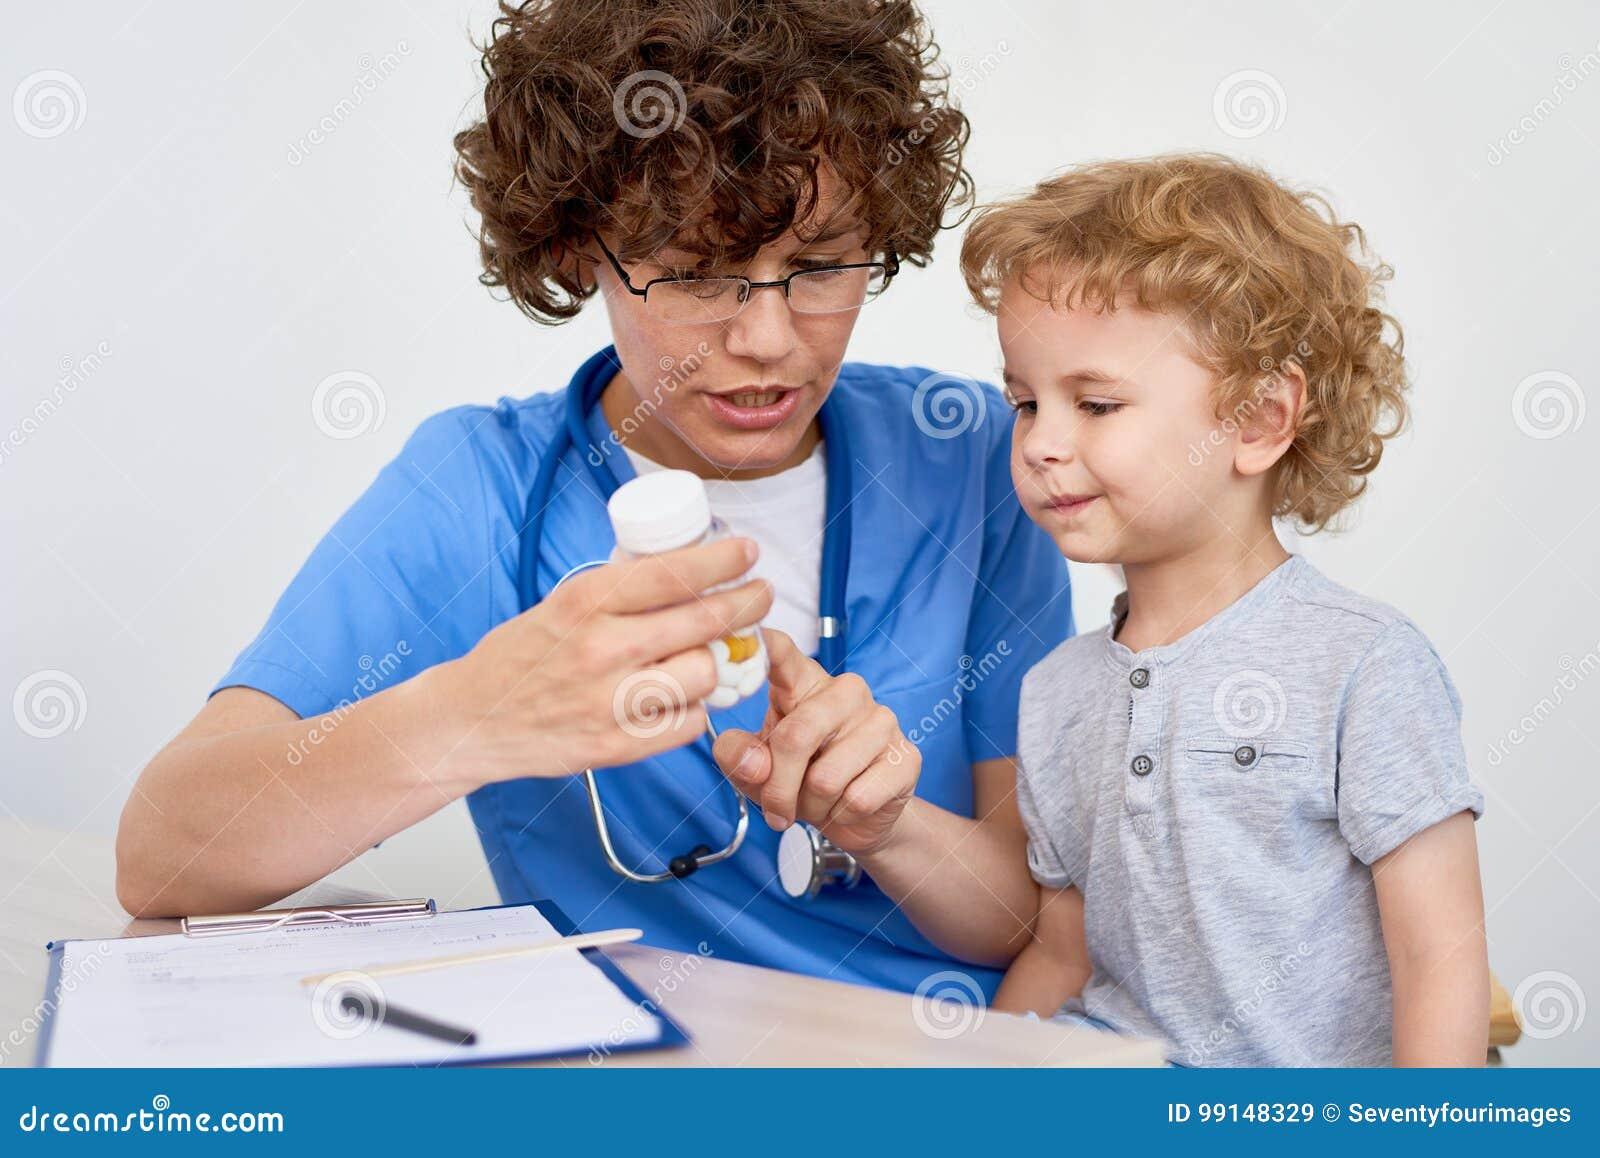 给维生素的护士小孩